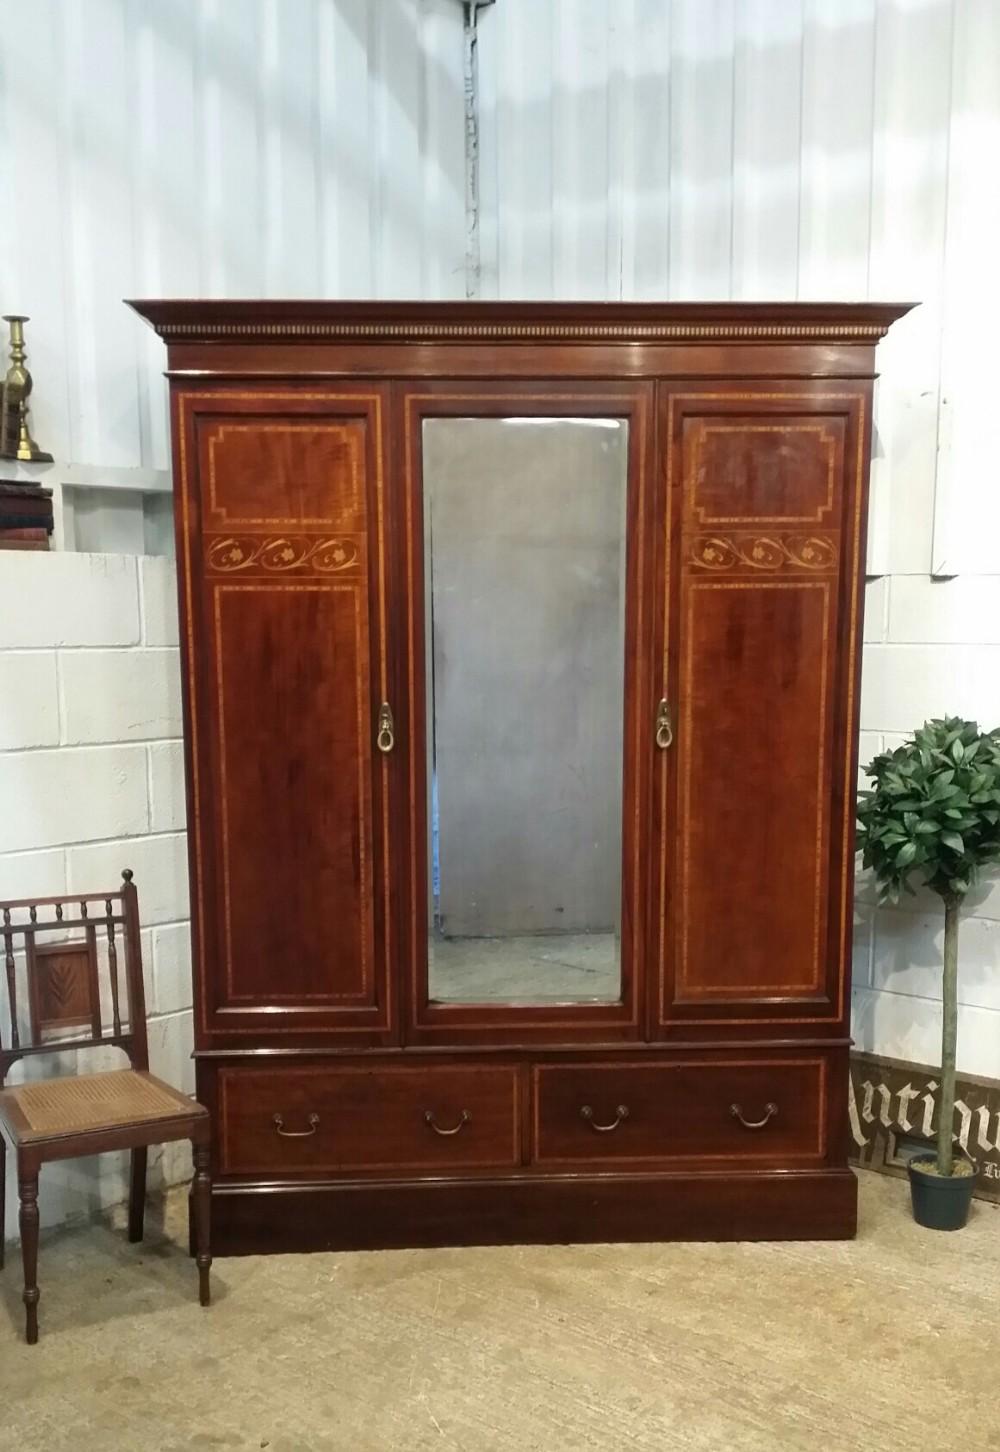 antique edwardian inlaid mahogany double wardobe c1900